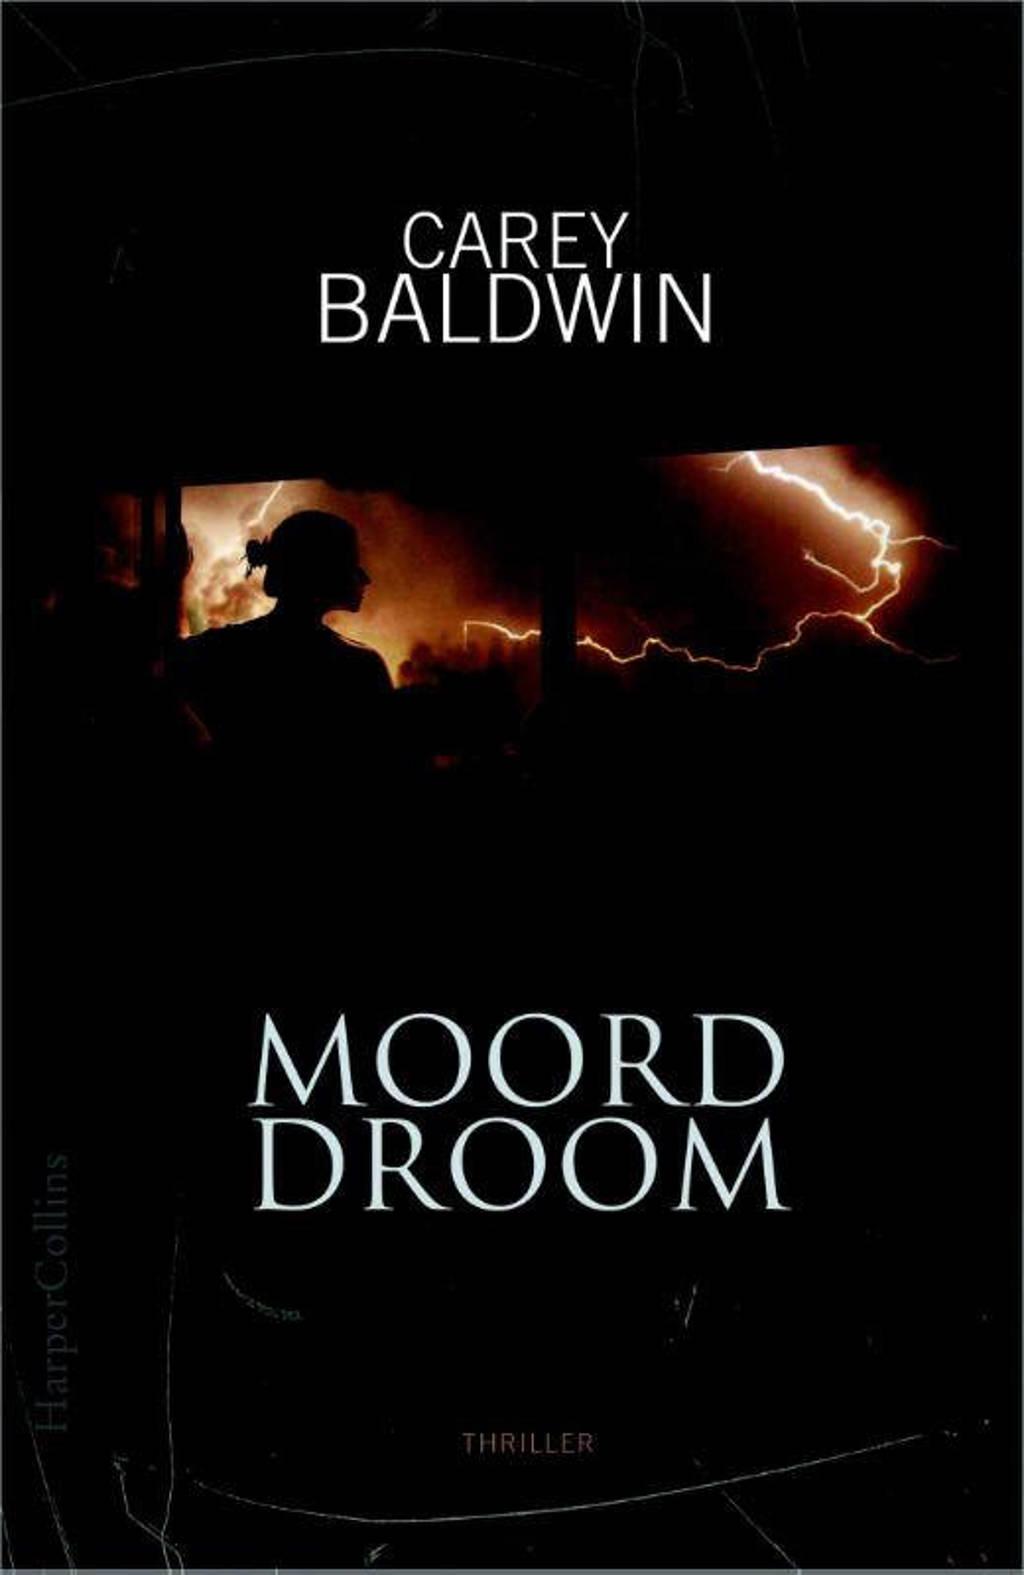 Moorddroom - Carey Baldwin